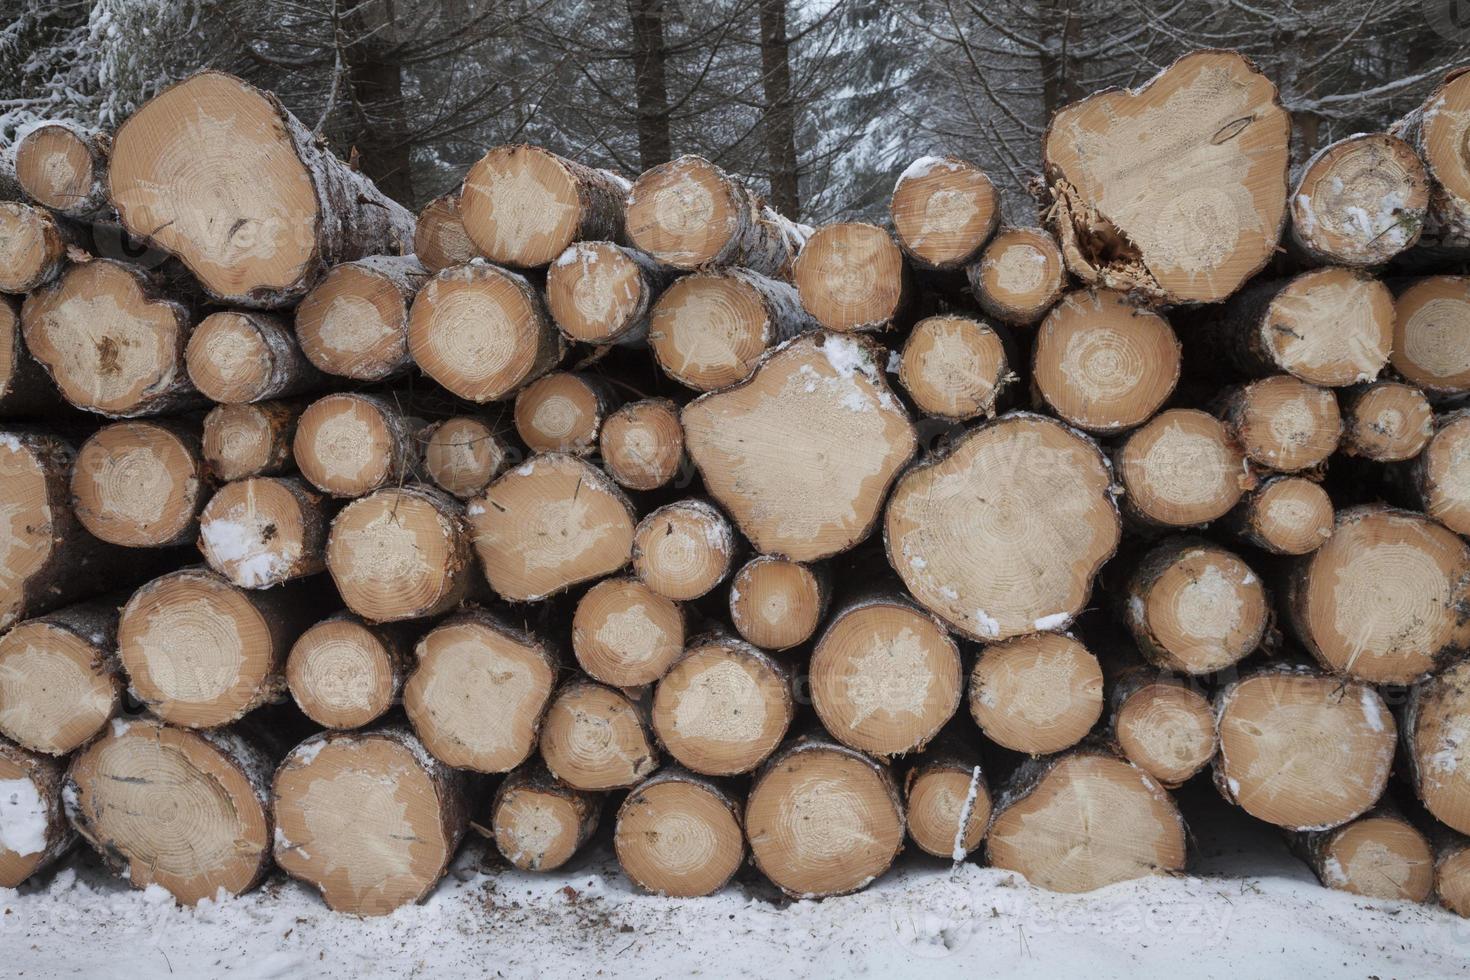 Deutschland, Baumstämme im Winter foto